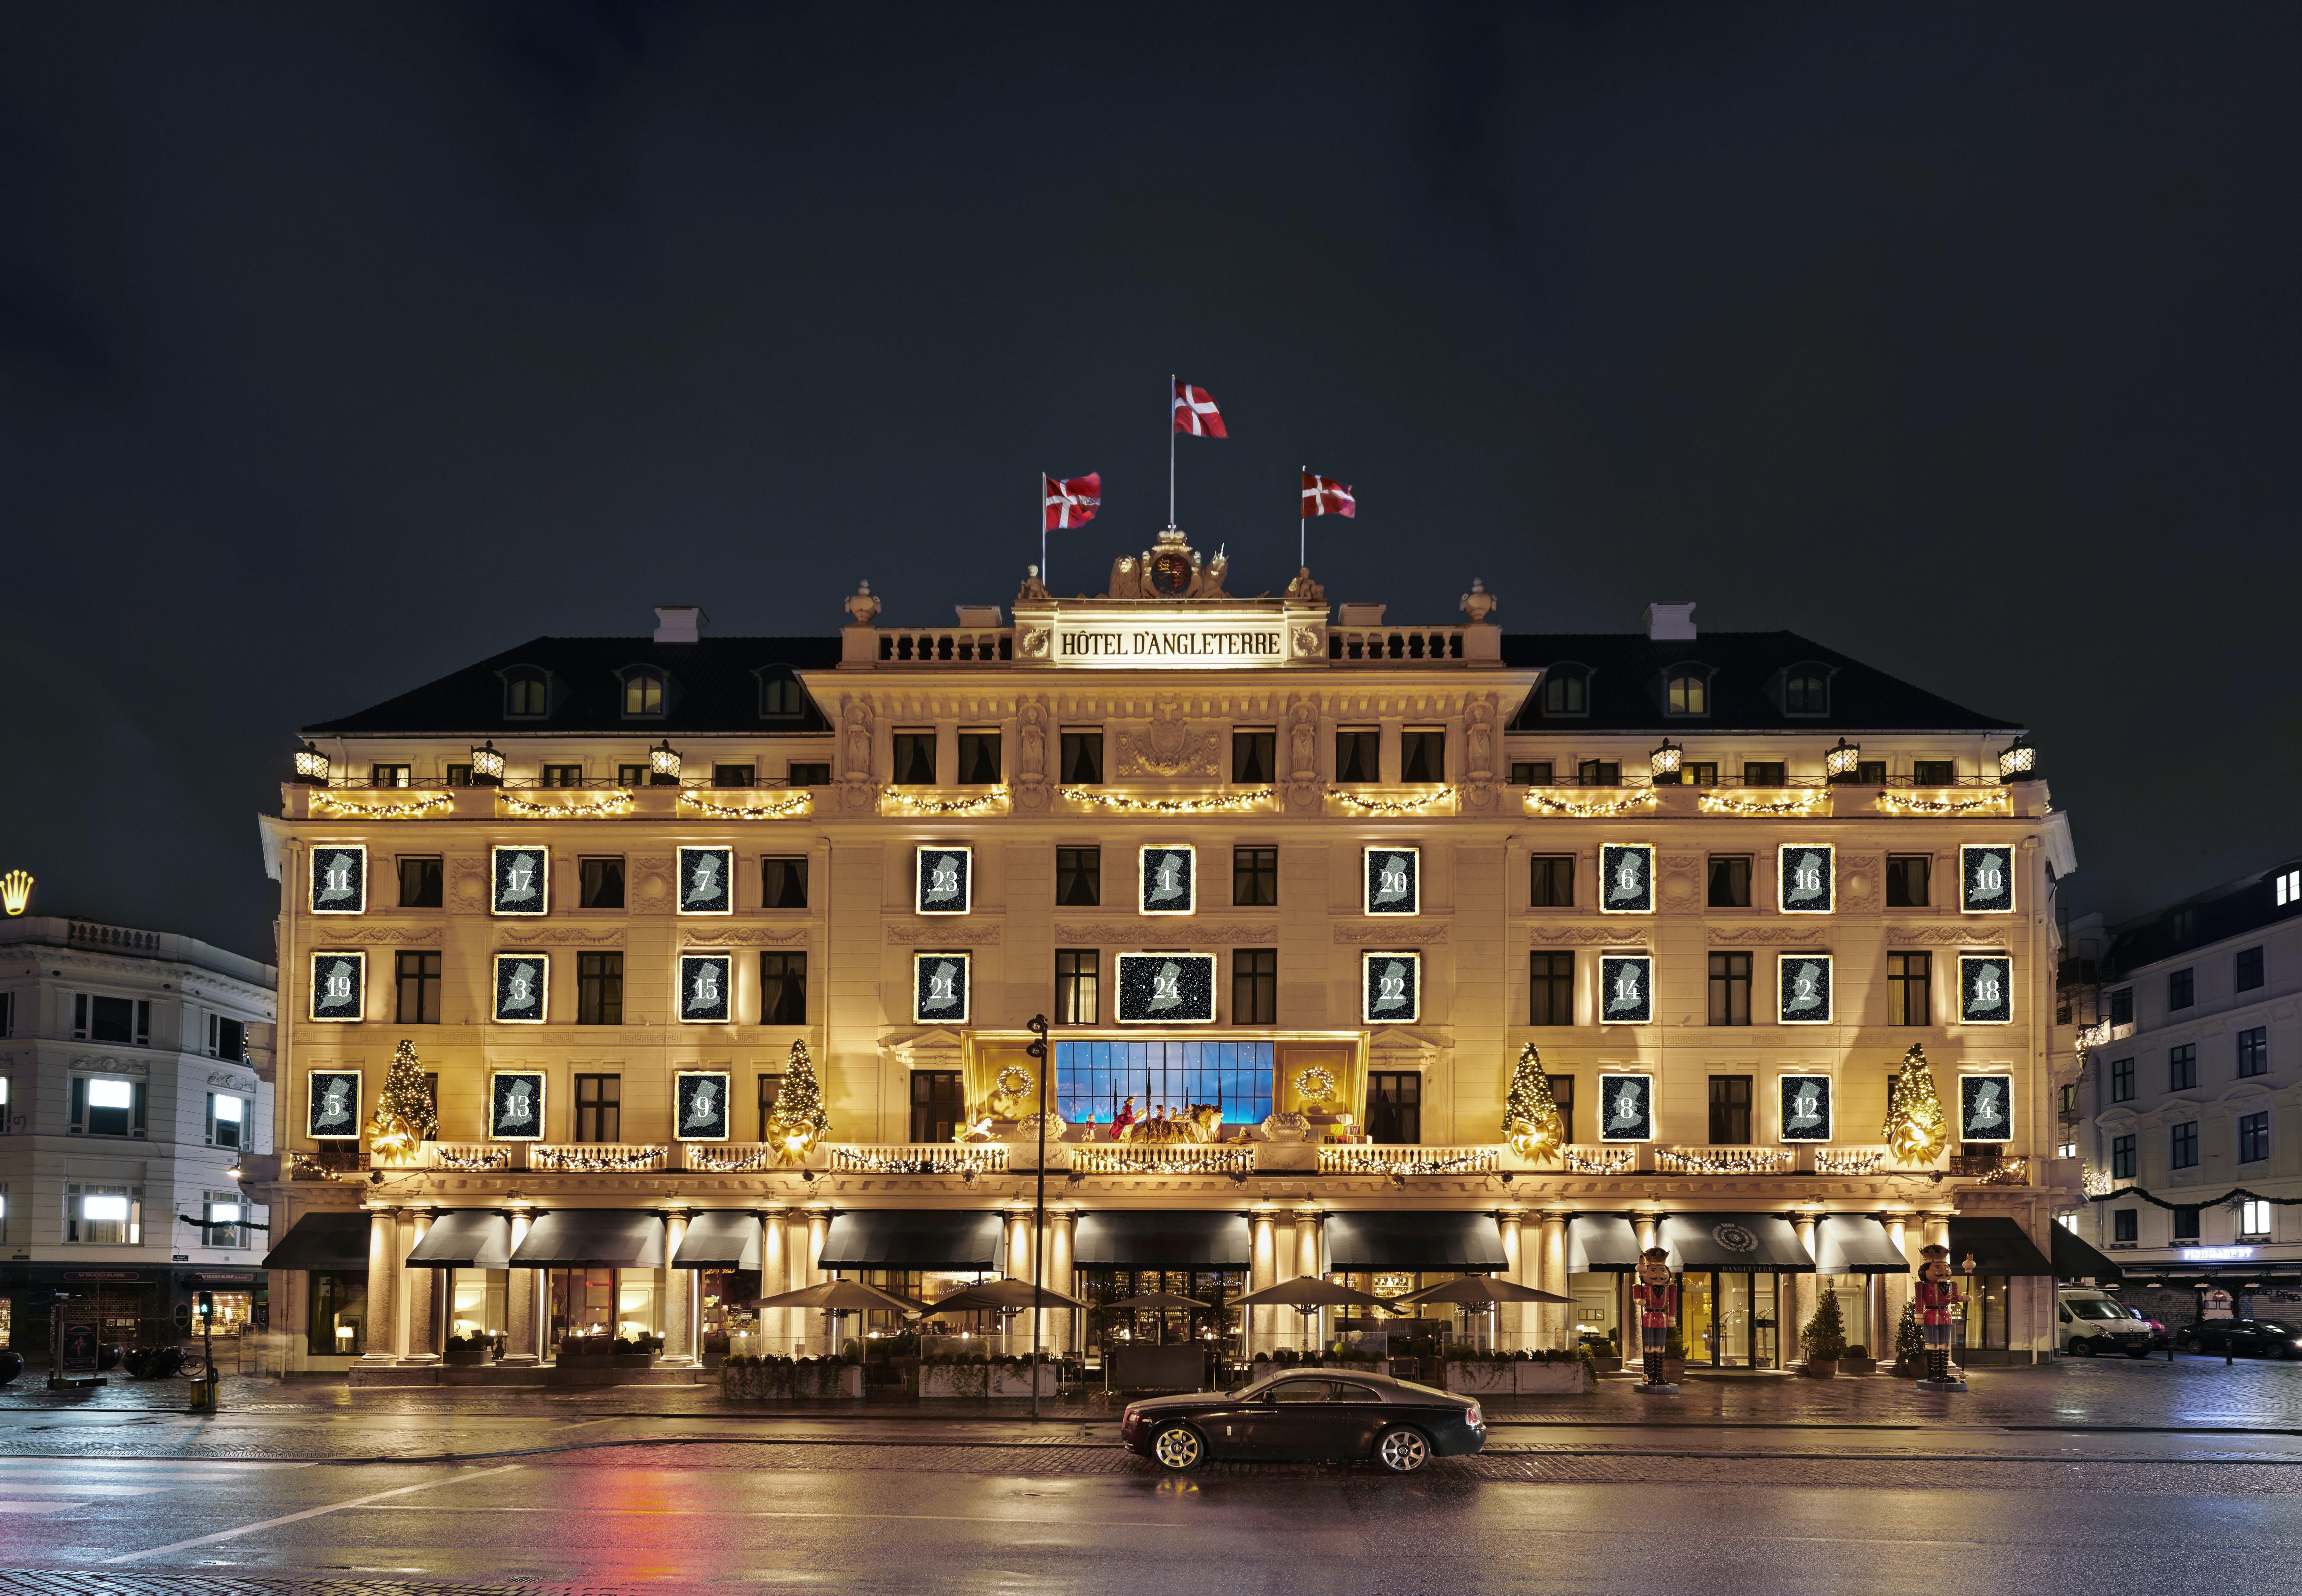 Hotel d'Angleterres julefacade 2017